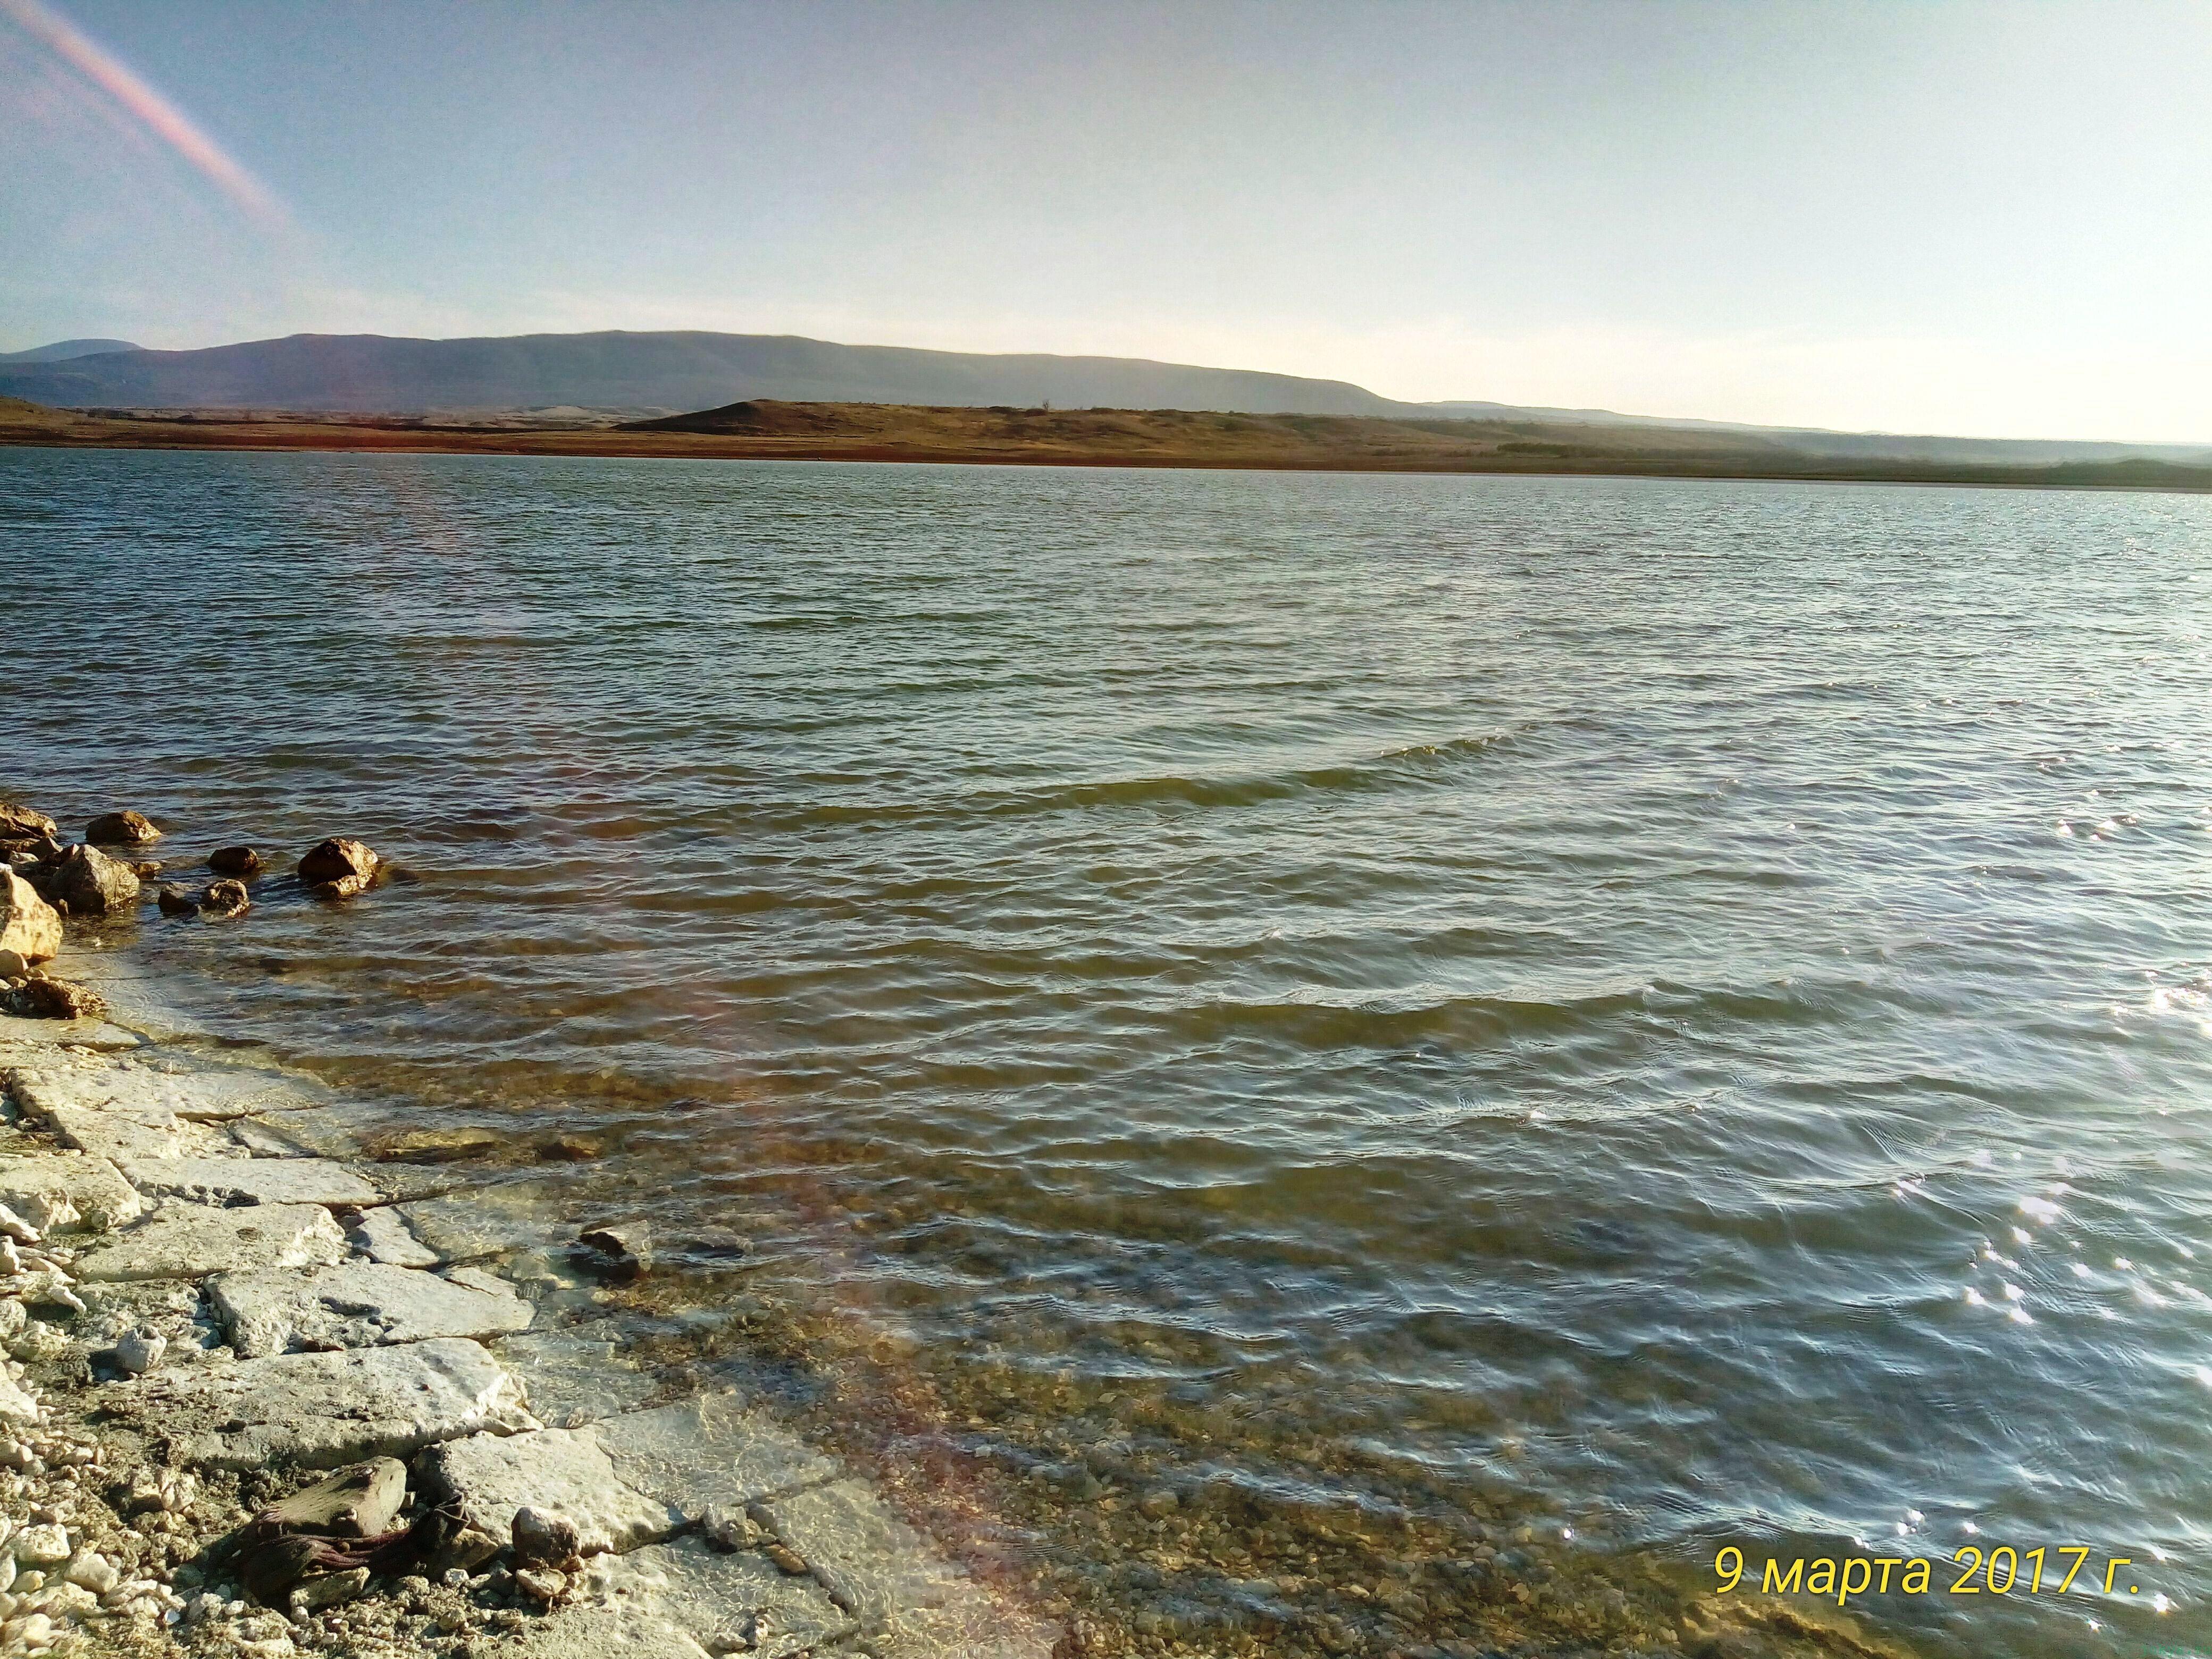 Любительская рыбалка на поплавочную снасть фото заметка о моей реальности в Крыму jokya.ru